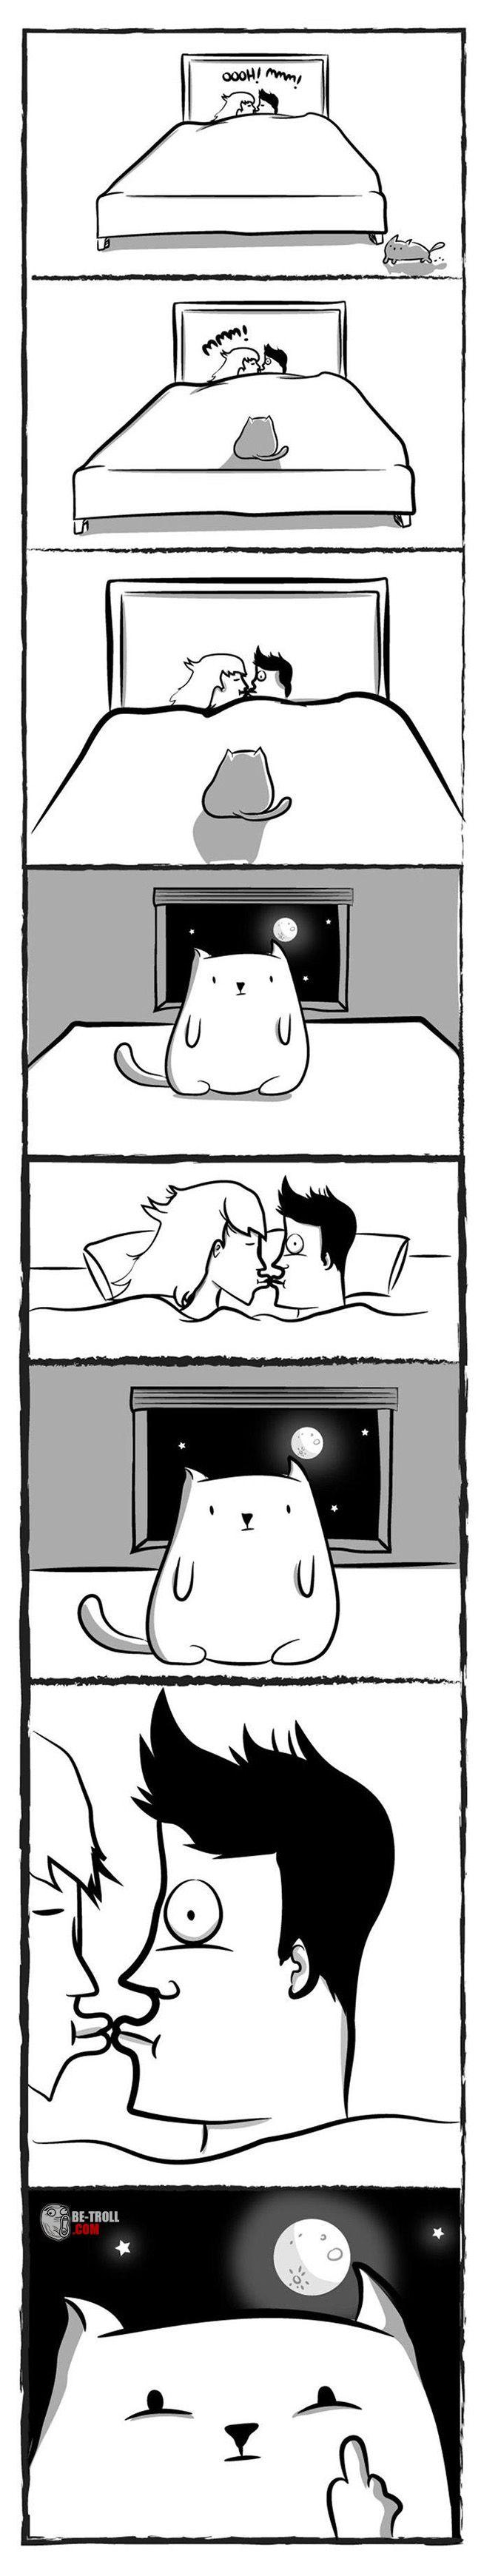 Un chat dans toute sa splendeur... - Be-troll - vidéos humour, actualité insolite